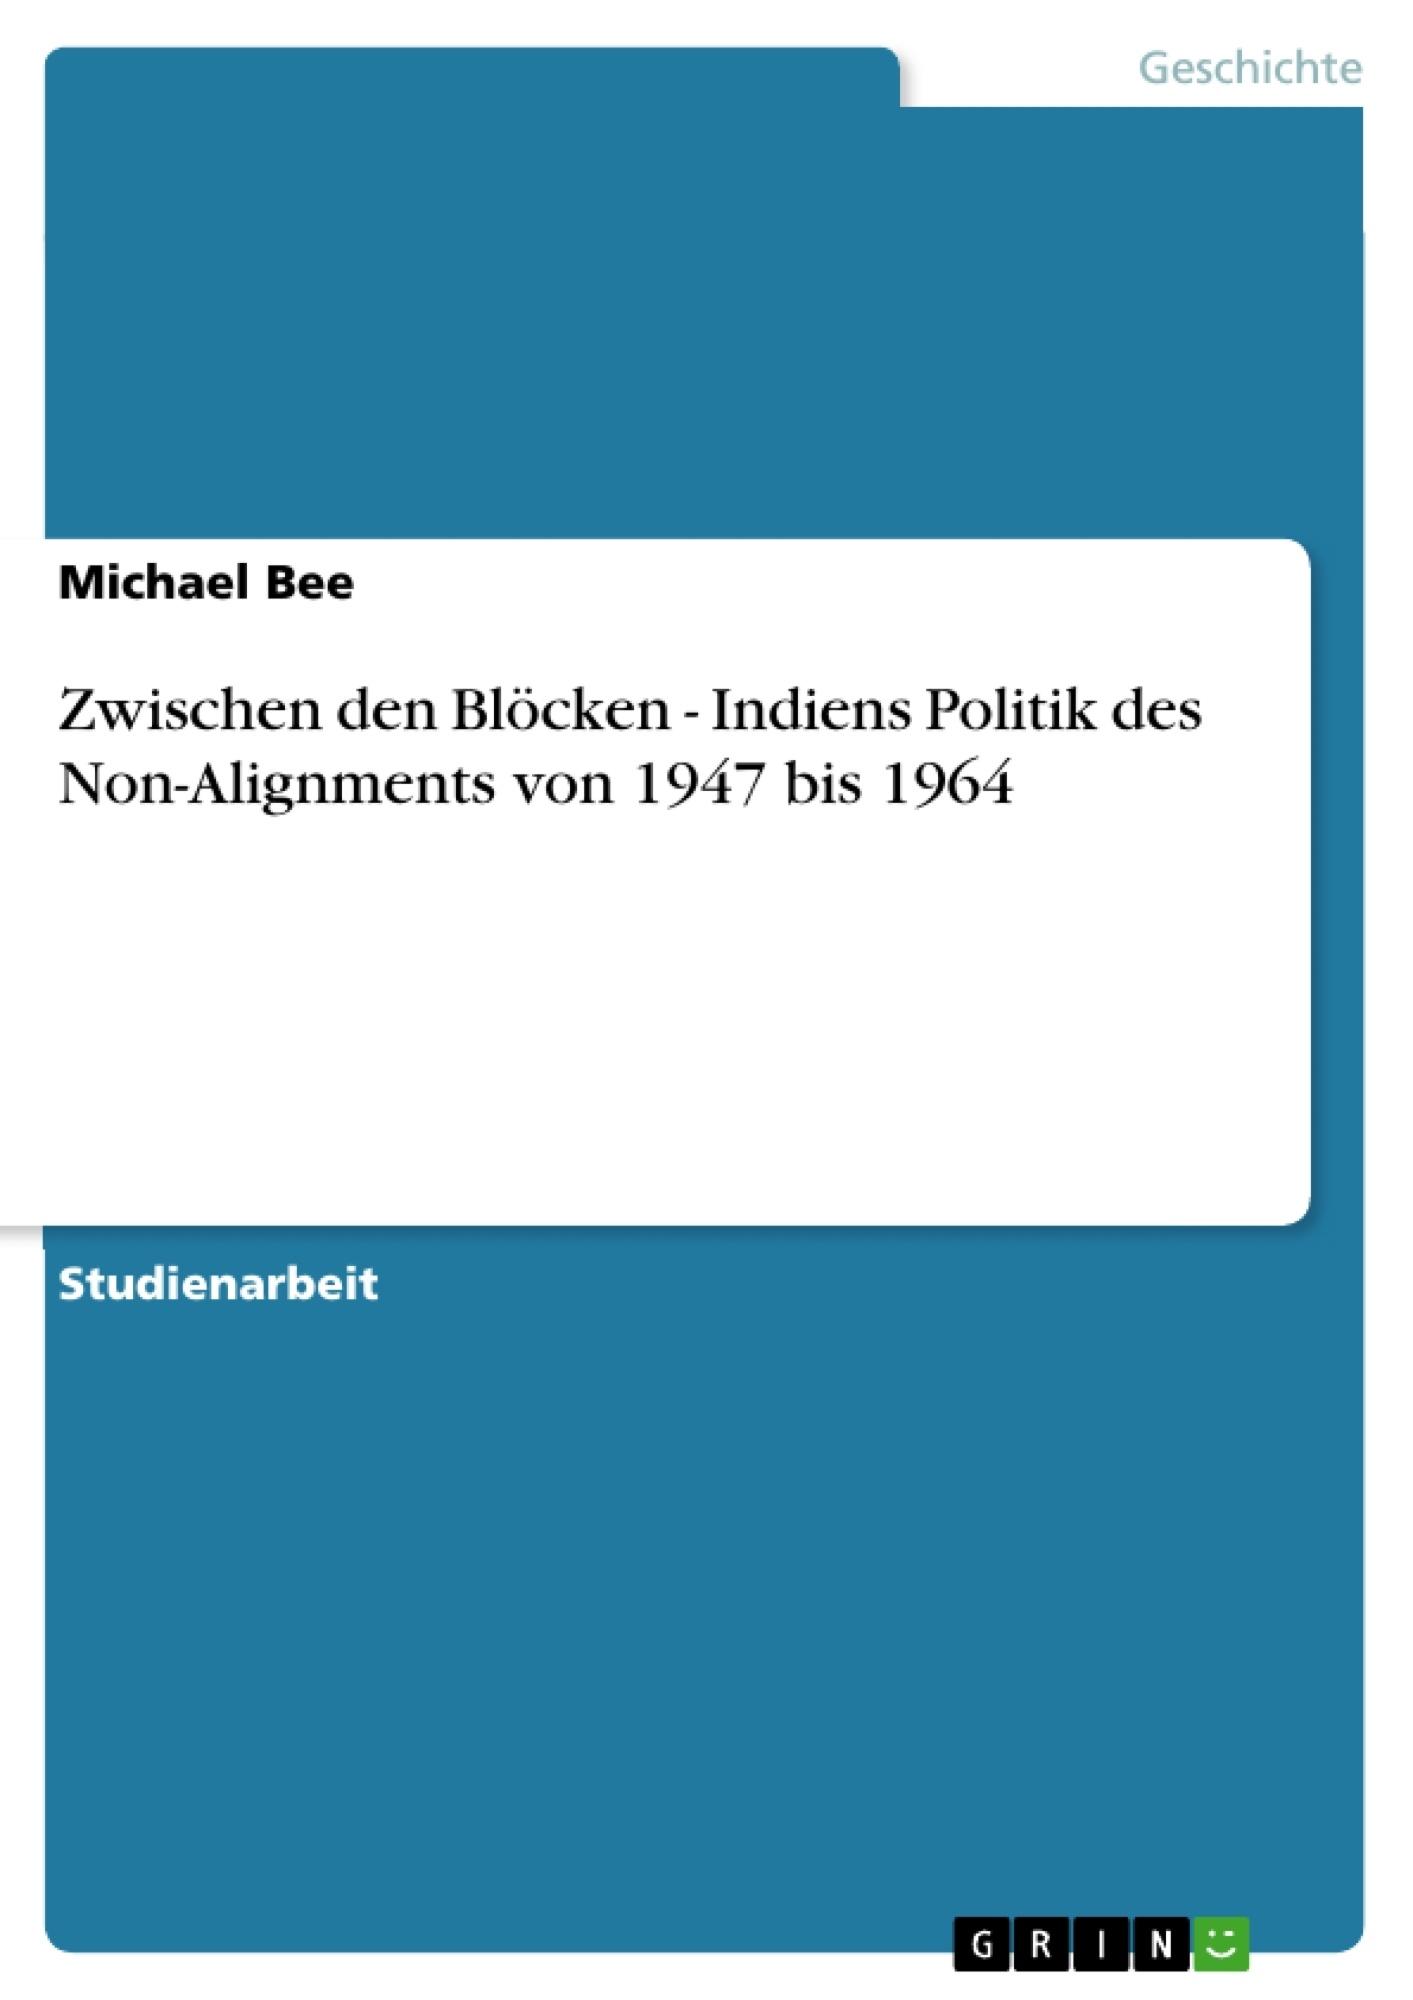 Titel: Zwischen den Blöcken - Indiens Politik des Non-Alignments von 1947 bis 1964